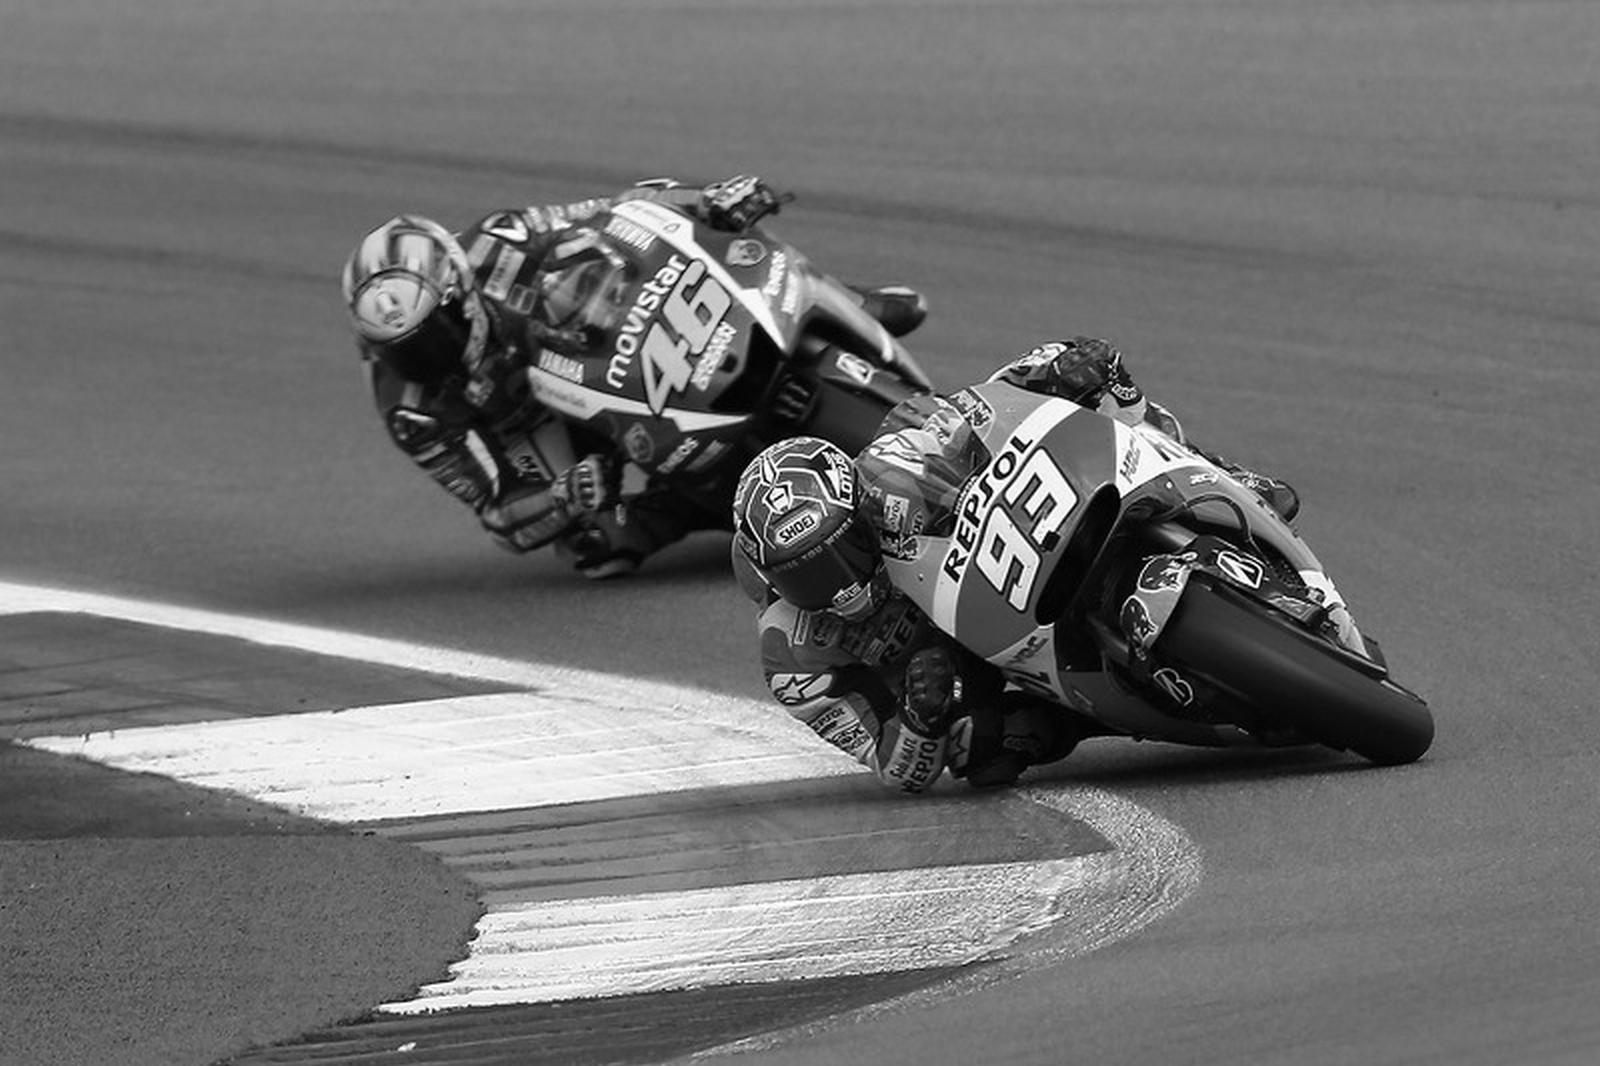 Rossi marquez 2015